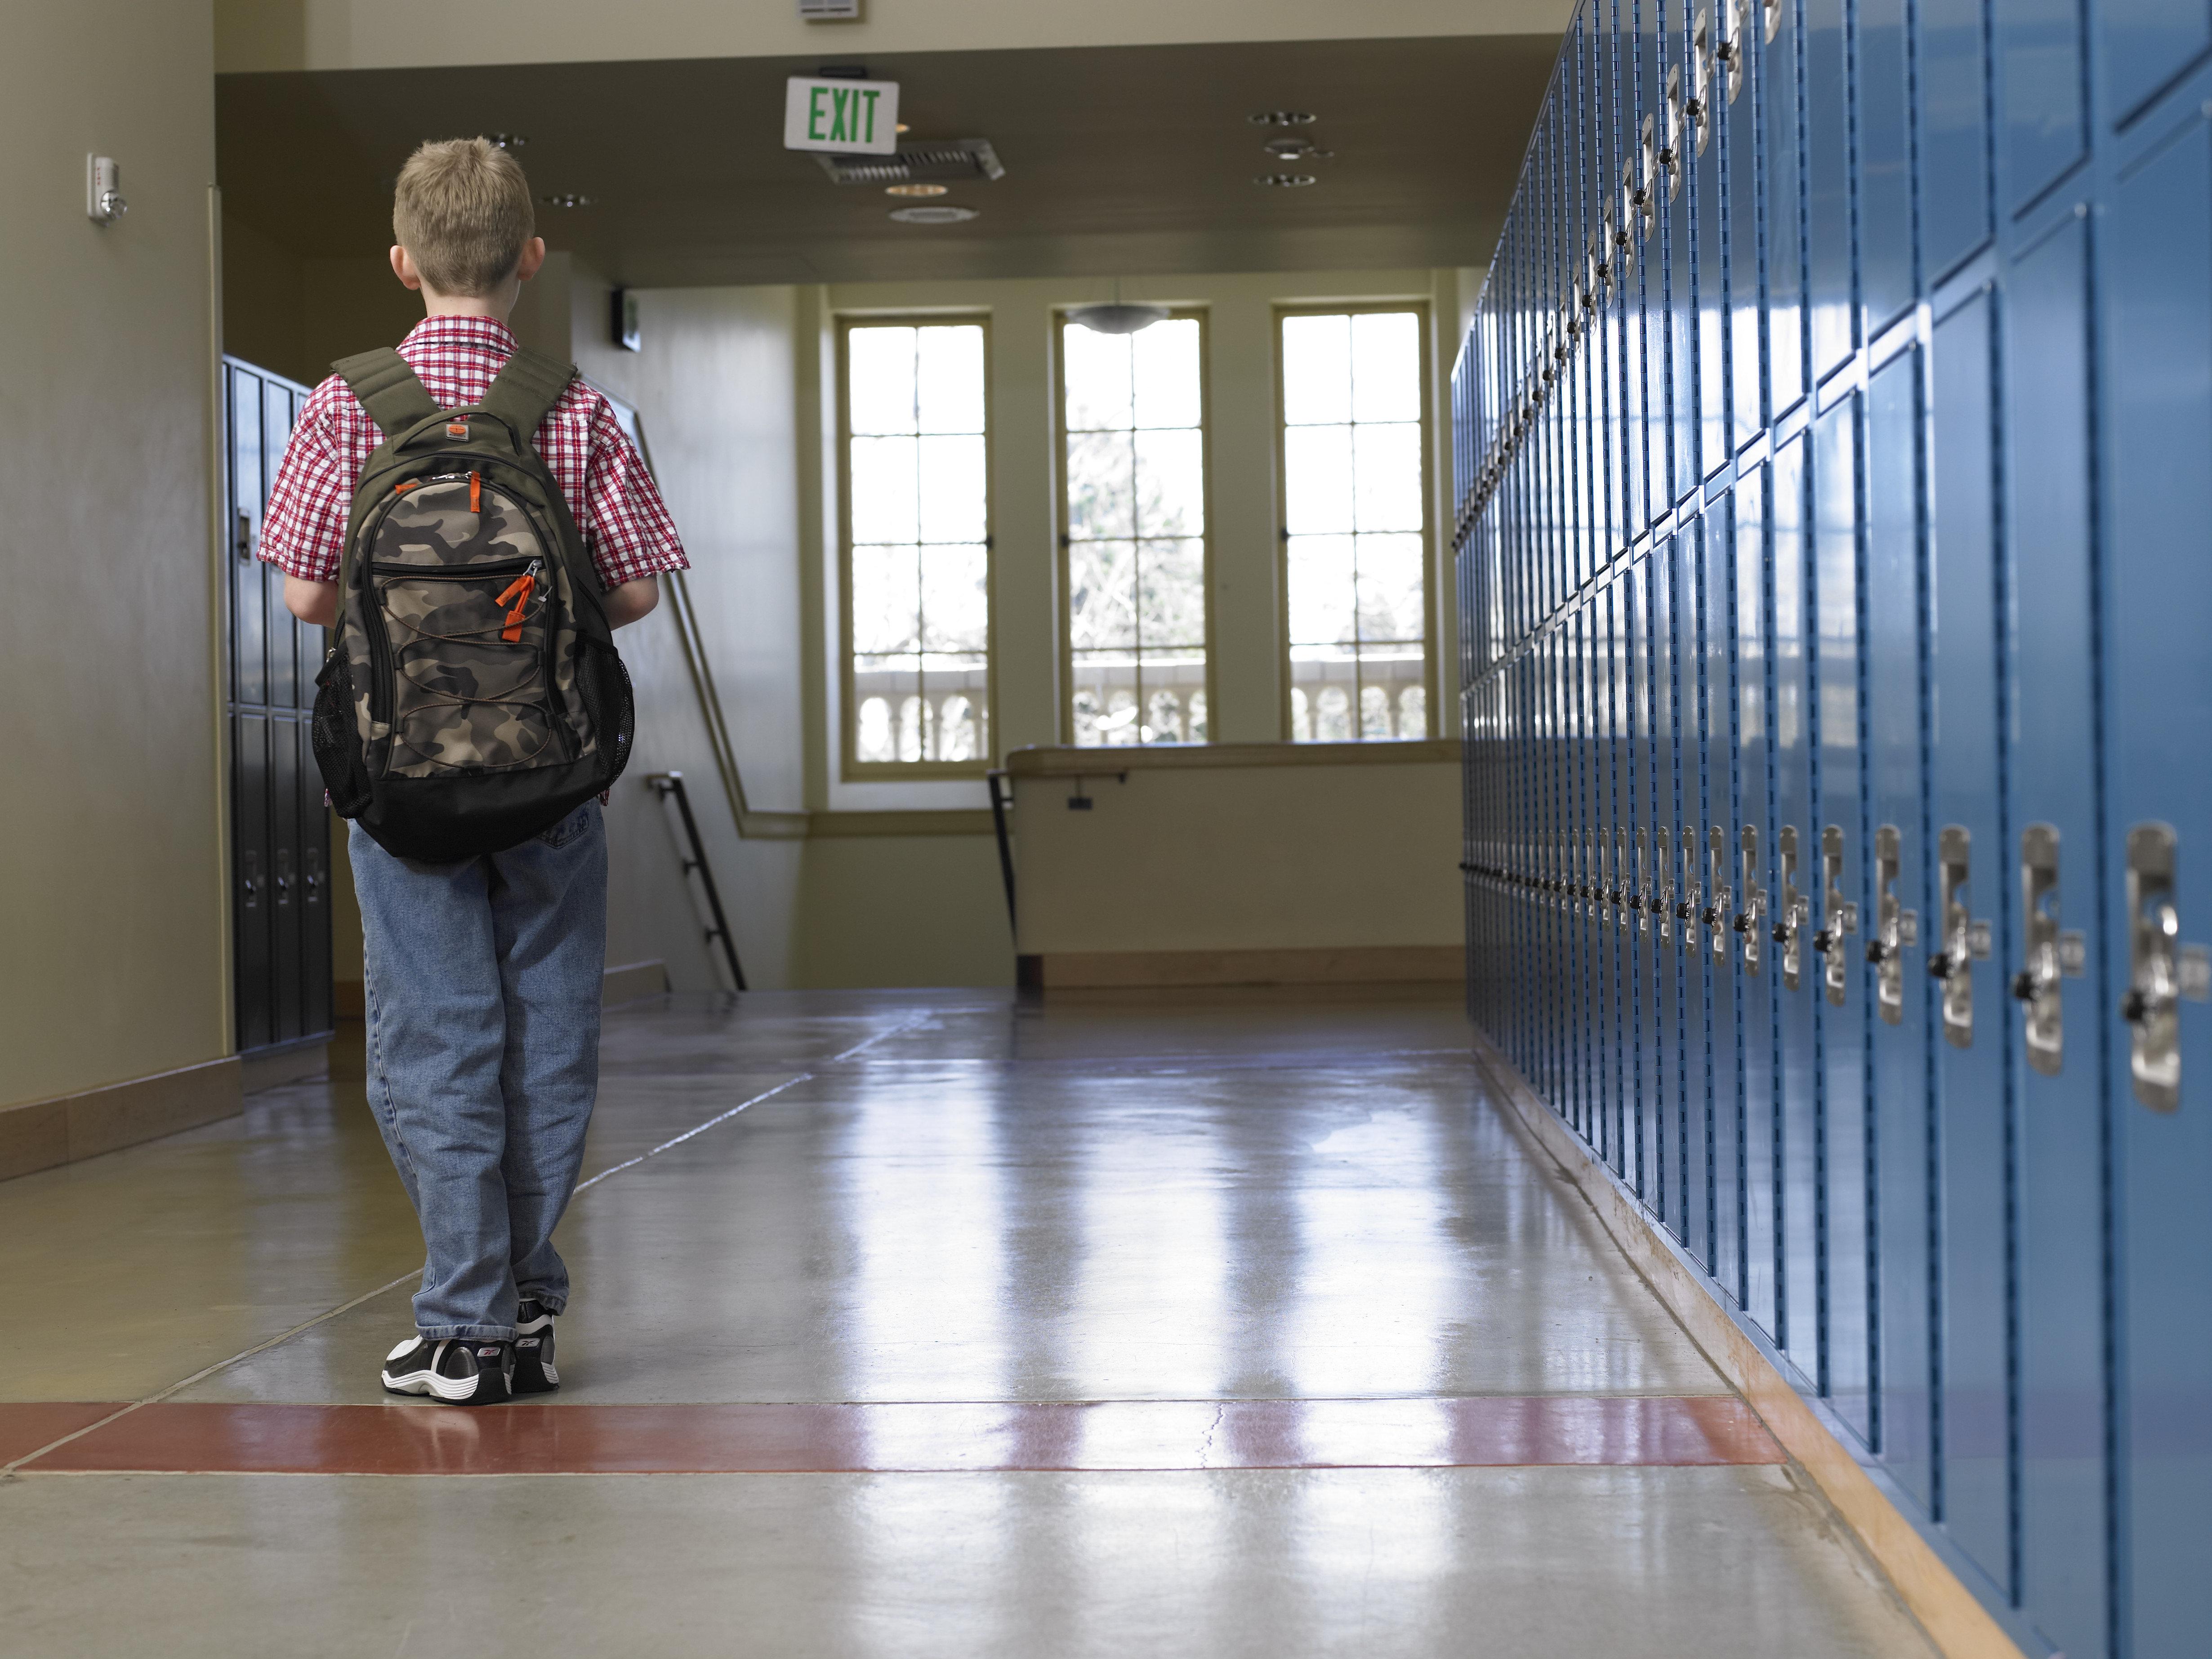 Mutter verwanzt den Rucksack ihres Sohnes – kurz darauf sind zwei Lehrer ihren Job